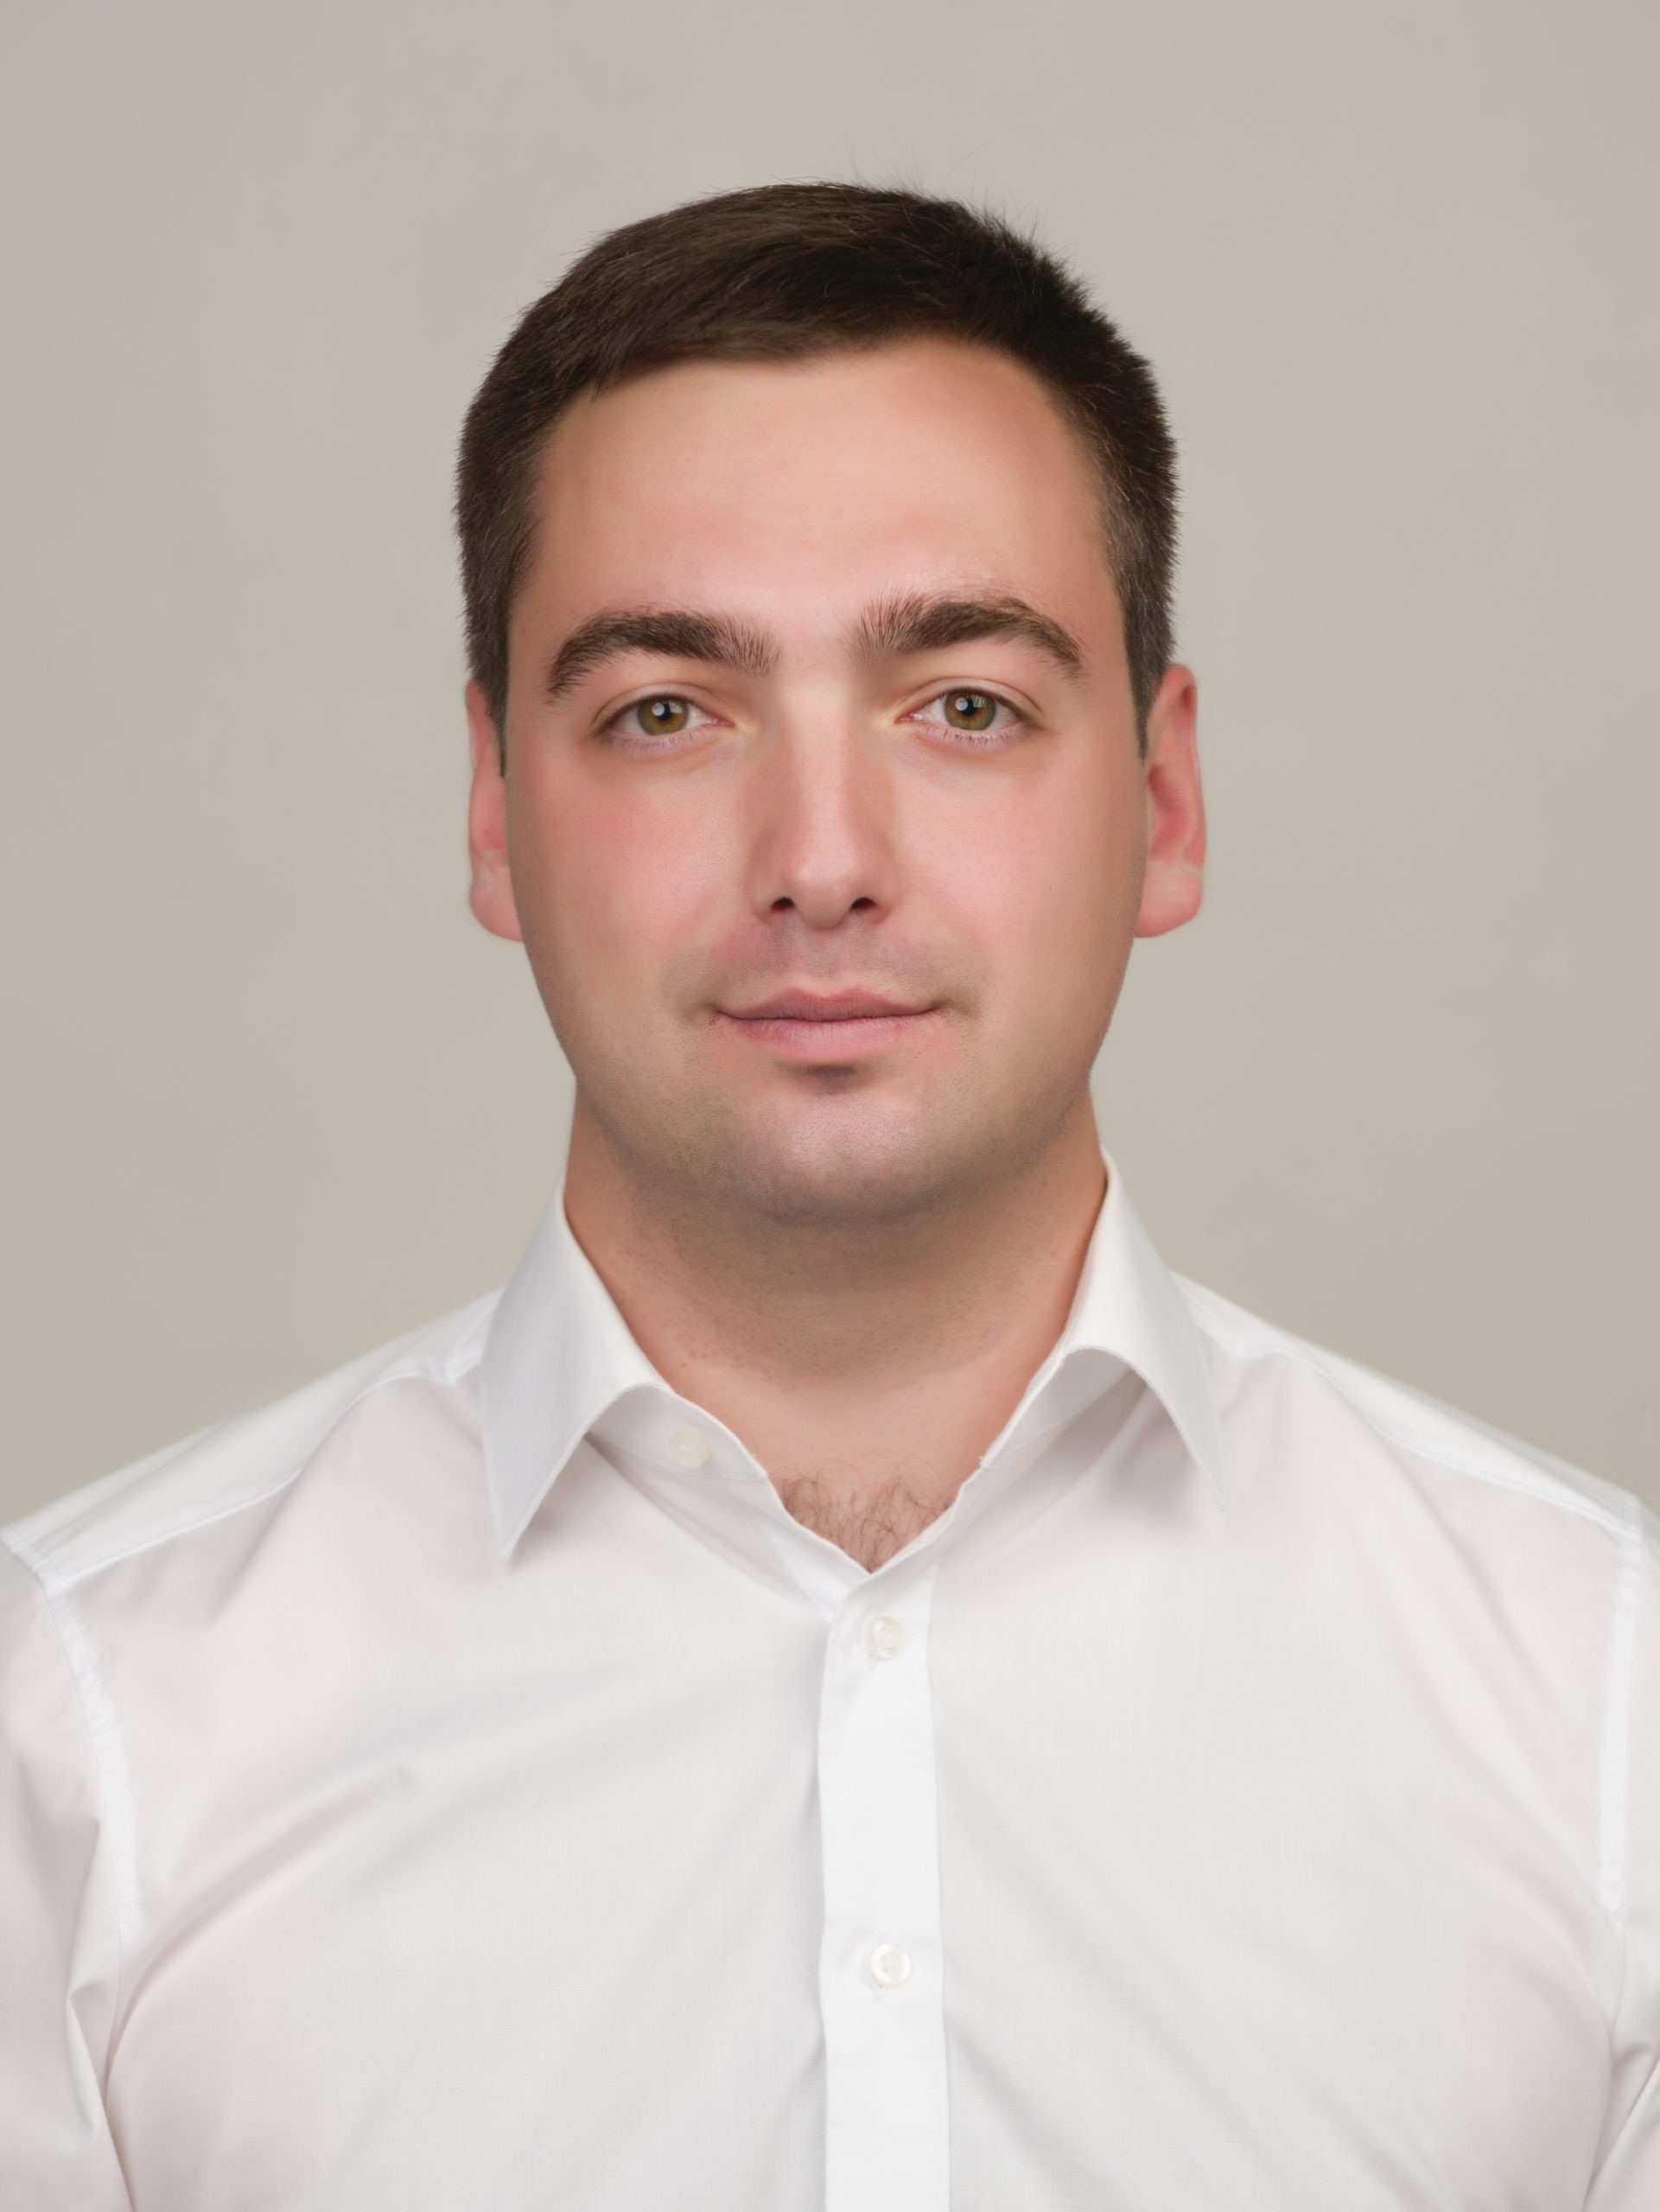 На тридцатом году жизни скоропостижно скончался депутат городской Думы города Новороссийска